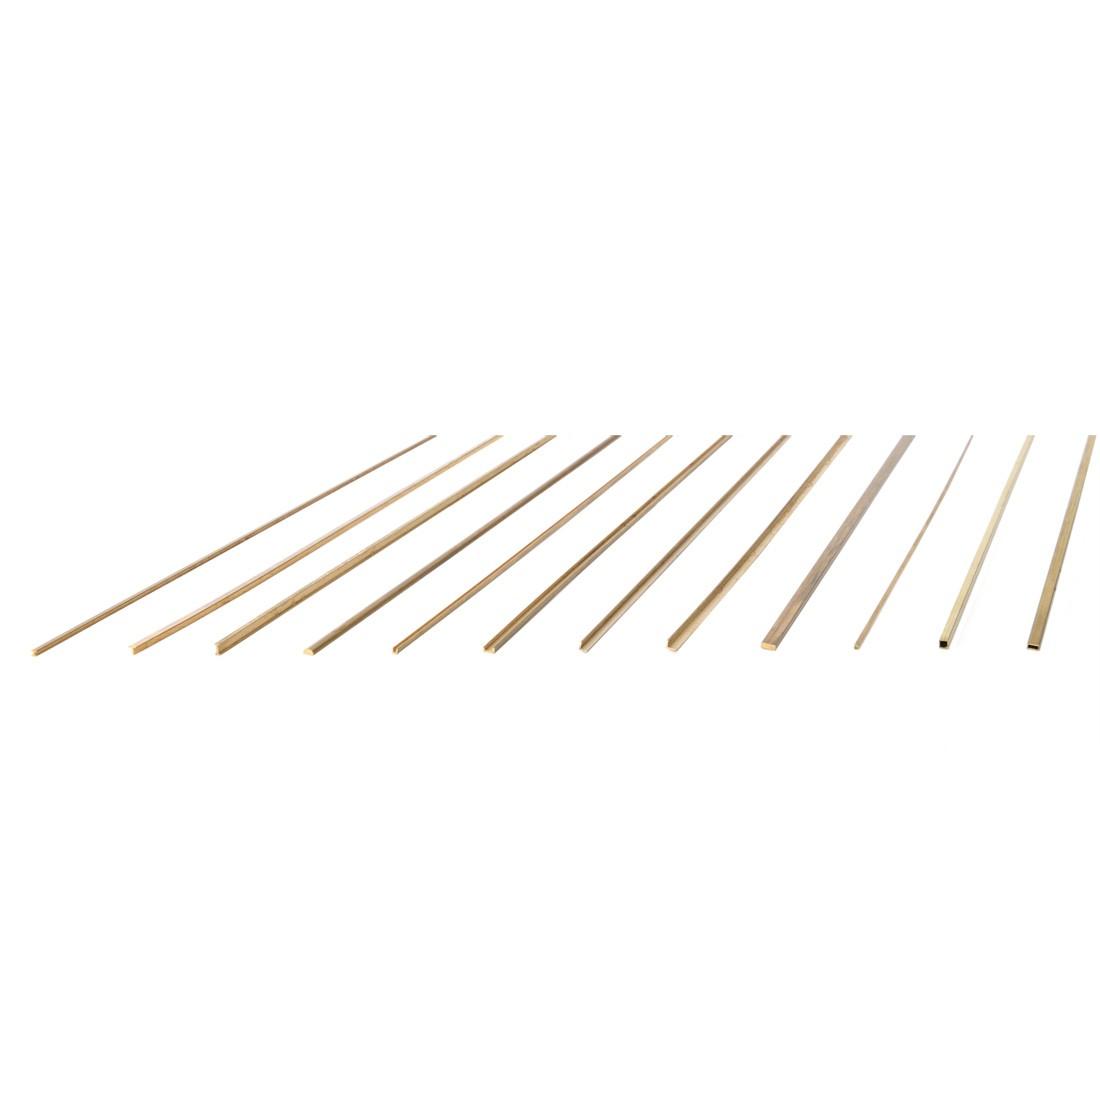 Micro profils laiton 4x4x500